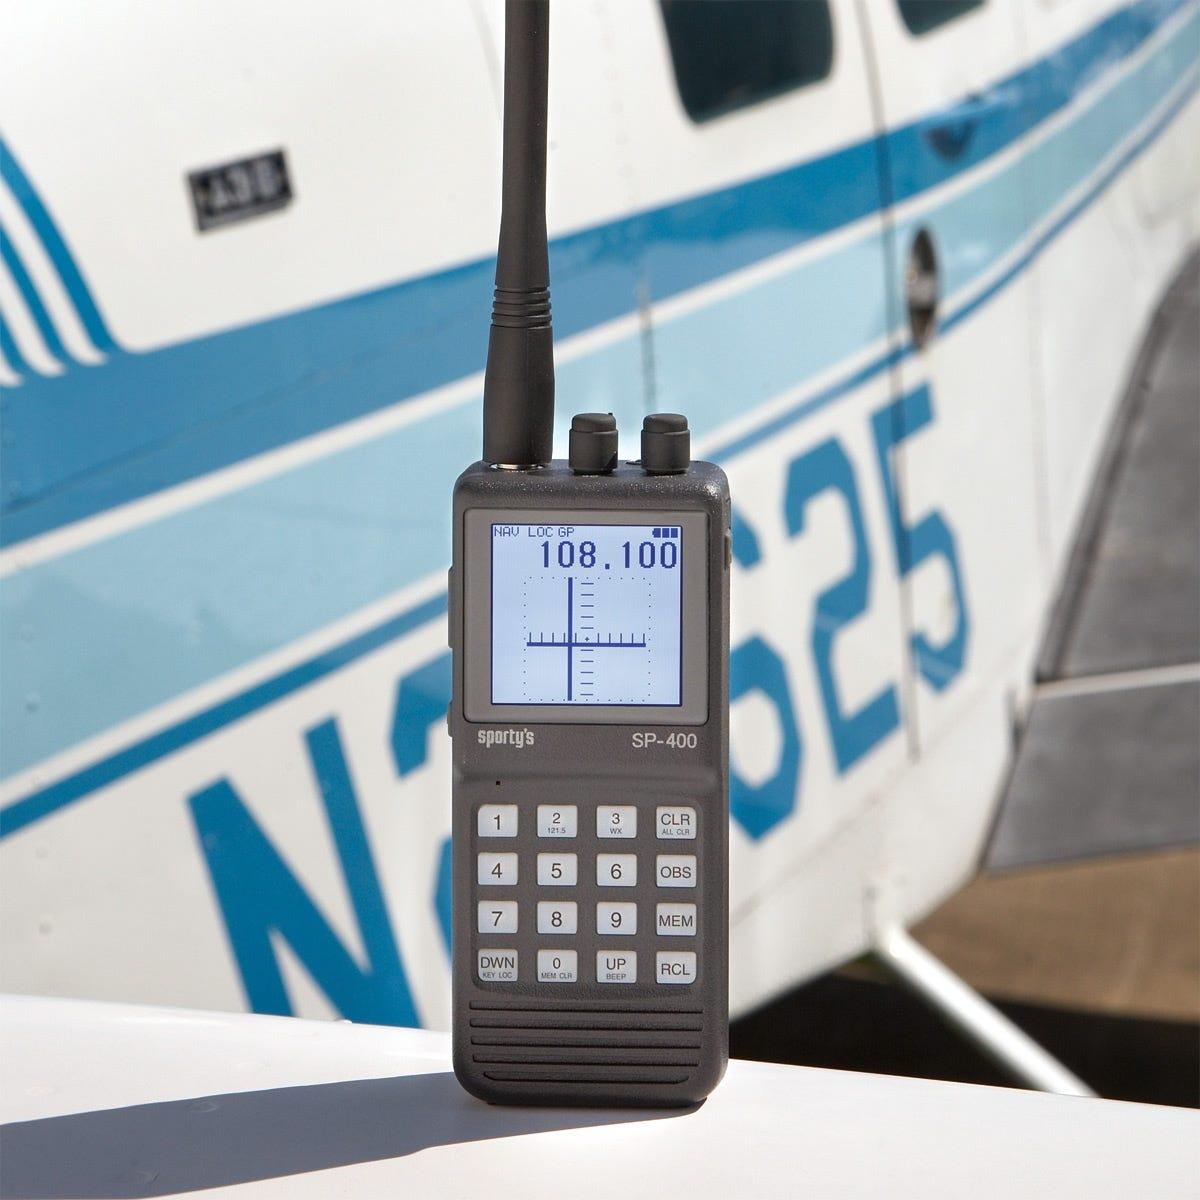 SP-400 Radio